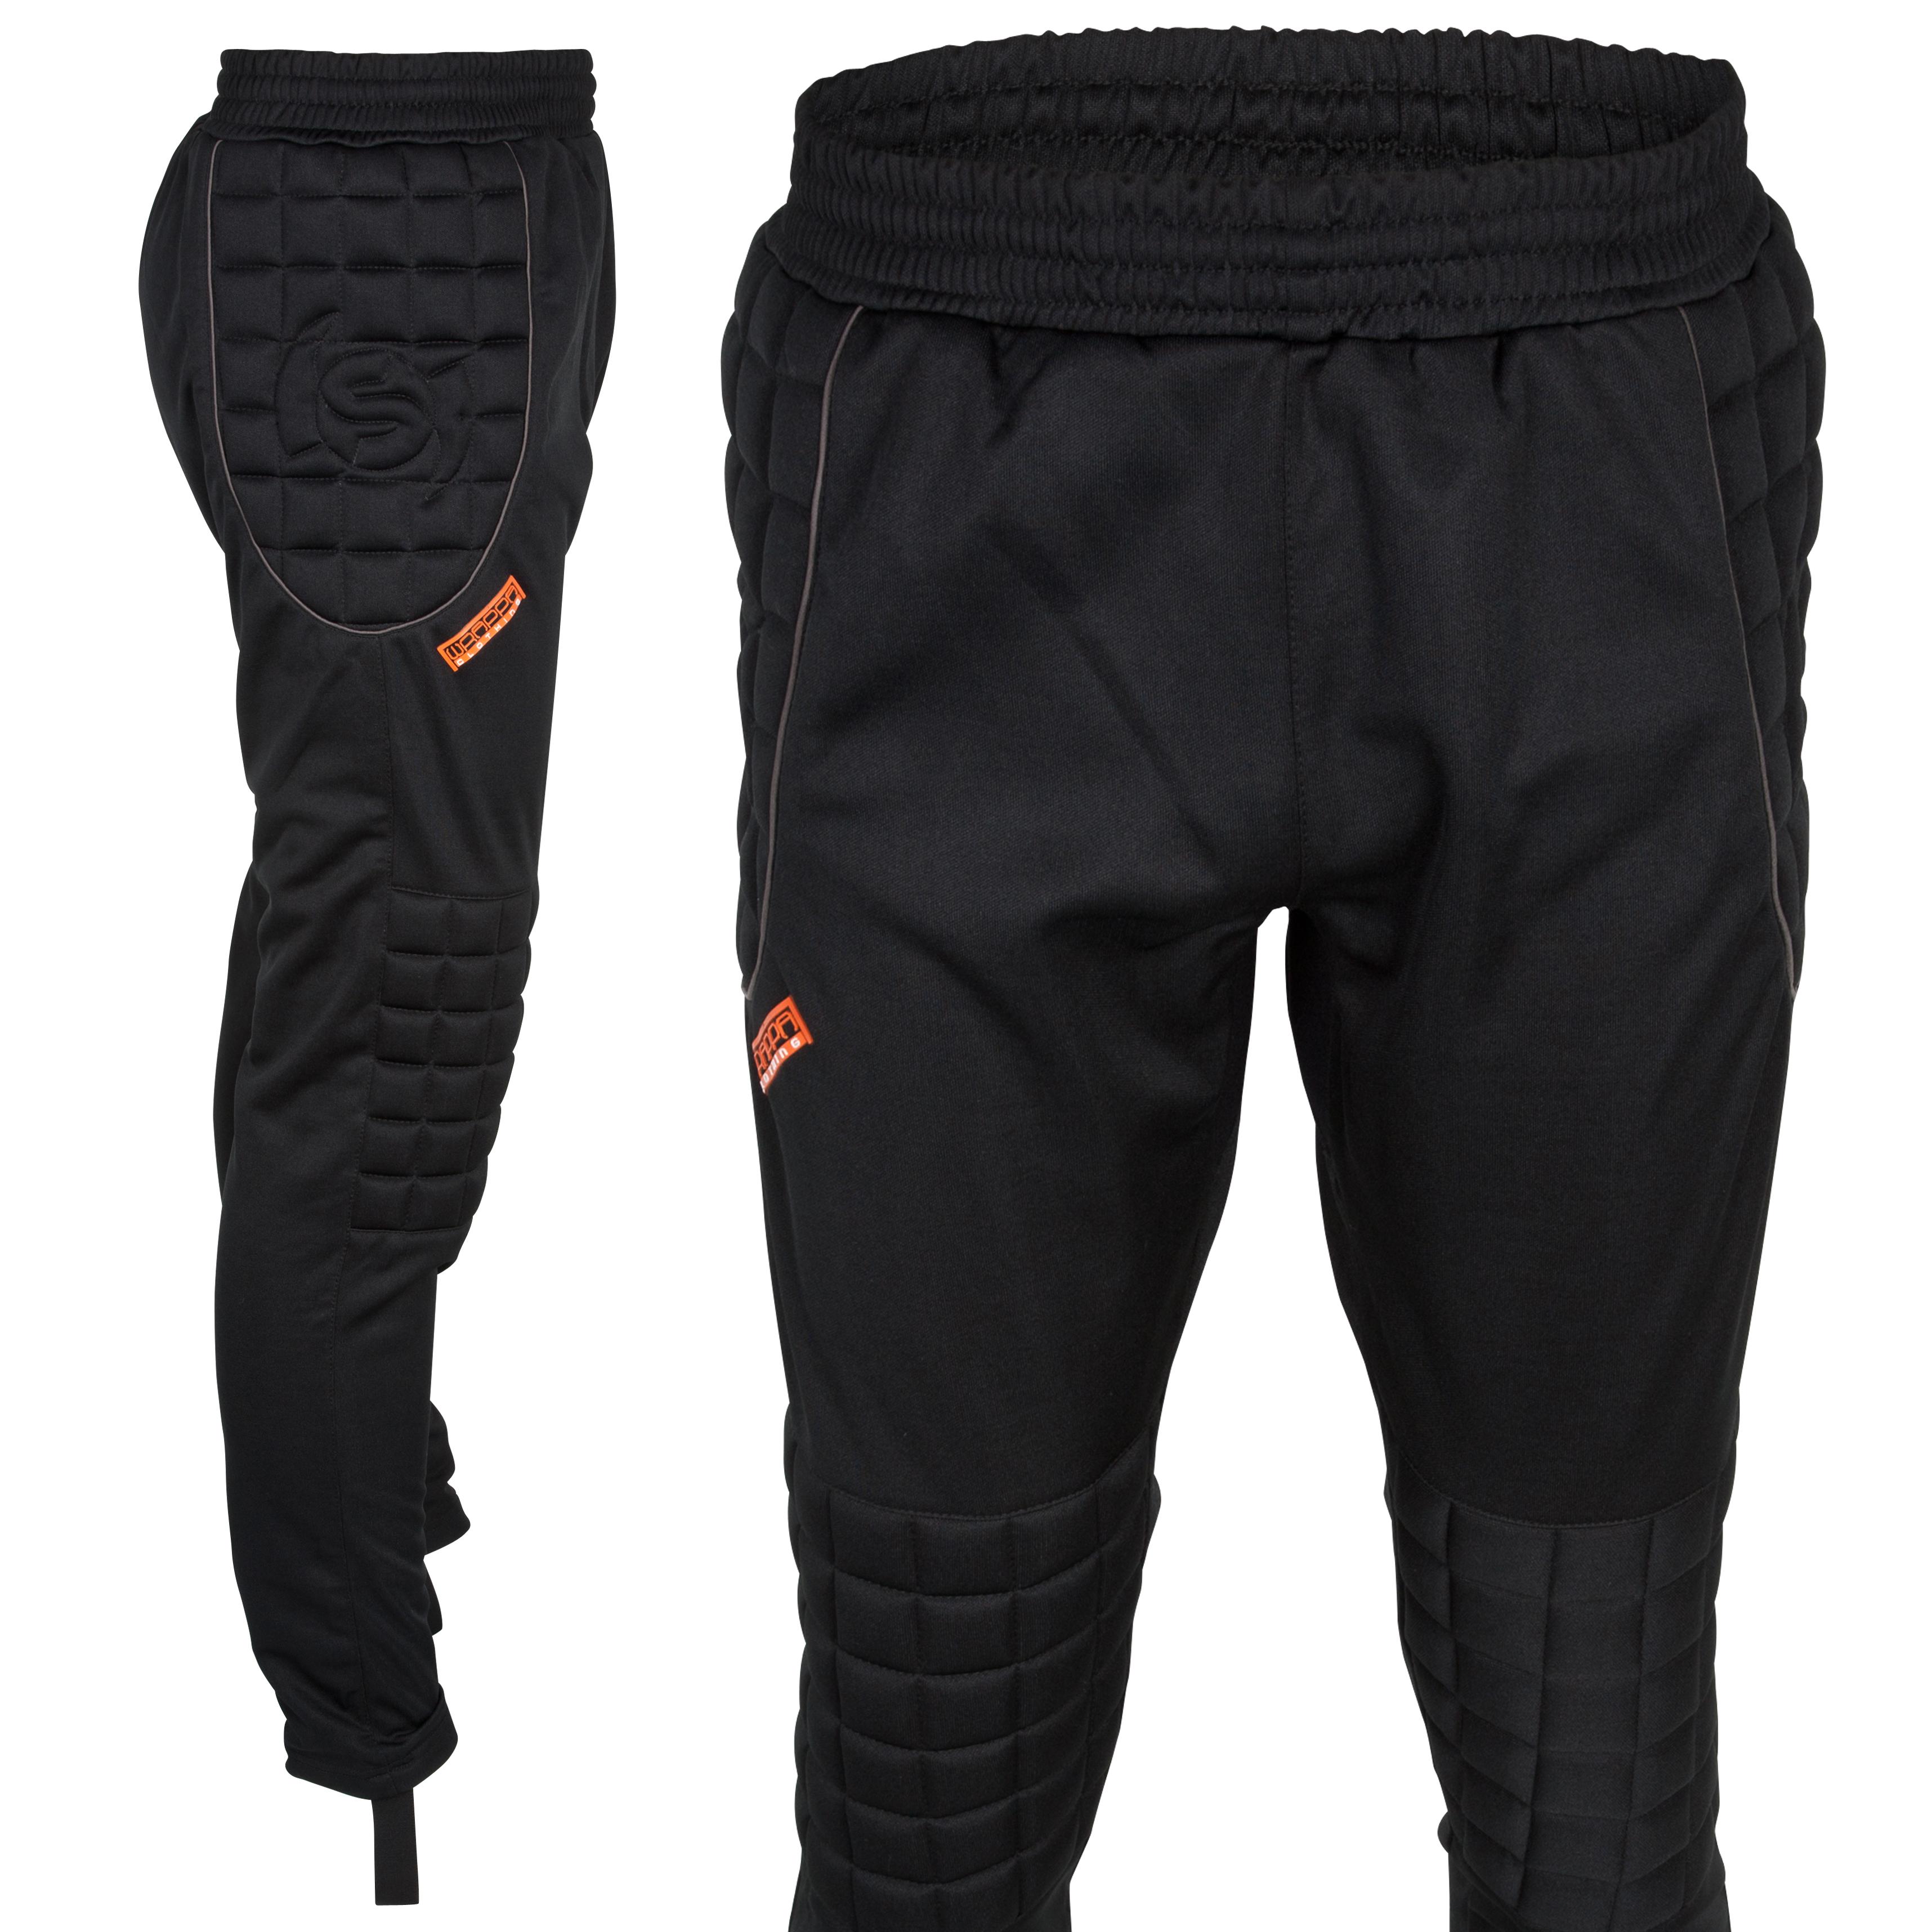 Selsport Goalkeeper Full Length Trousers